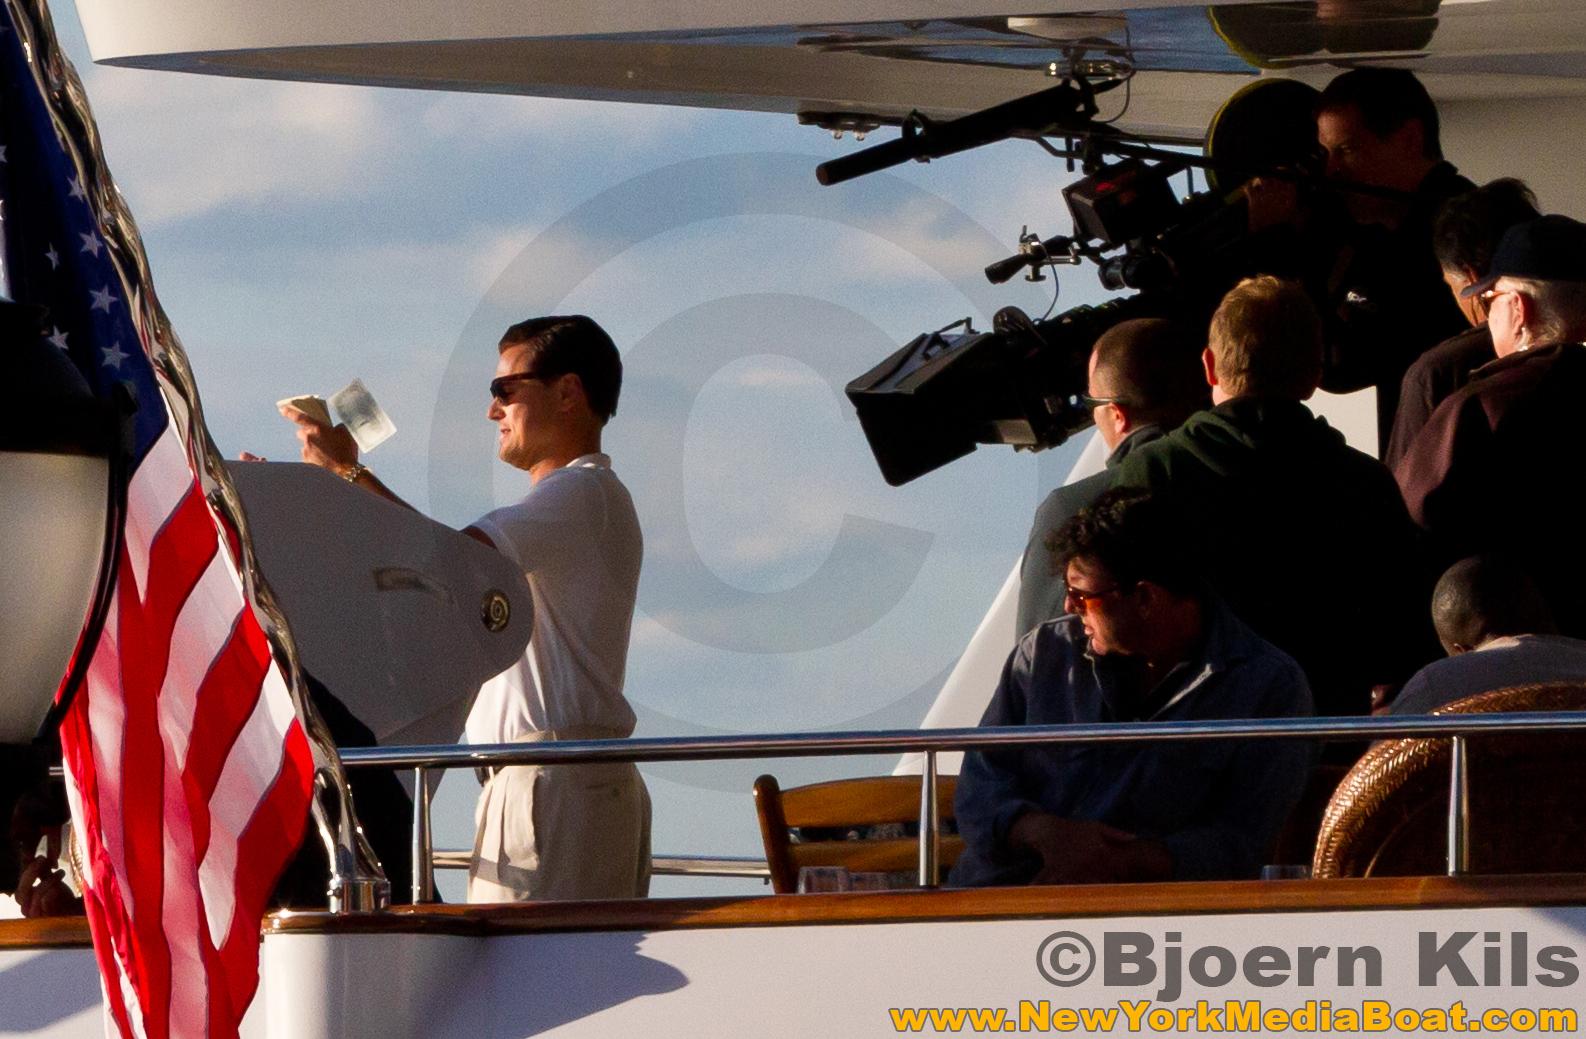 20120924_NYmediaBoat_Leonardo_DiCaprio-1631_kils_©.jpg